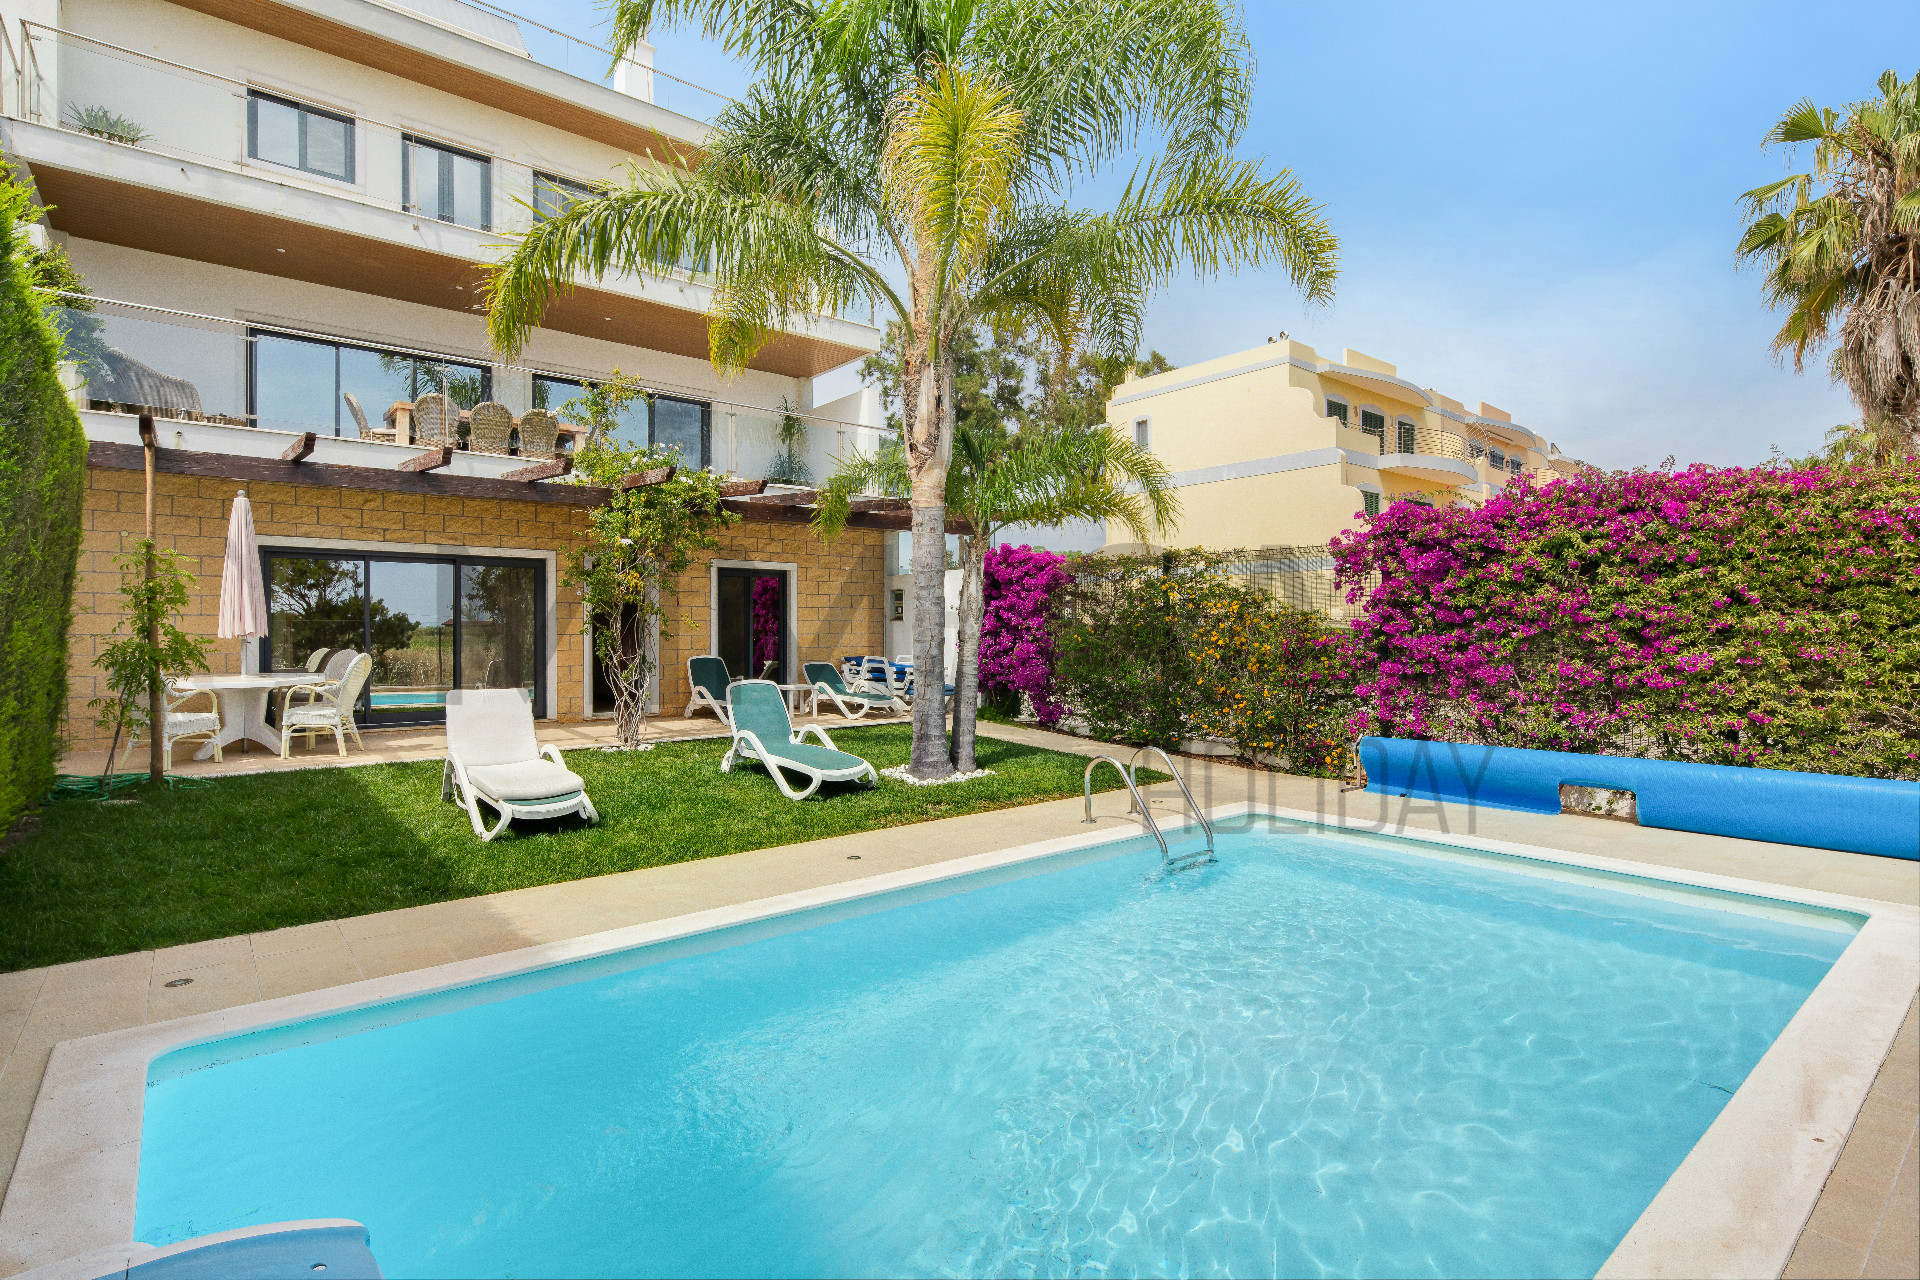 Mooie vier slaapkamer villa met zwembad vlakbij het strand en de Marina van Lagos